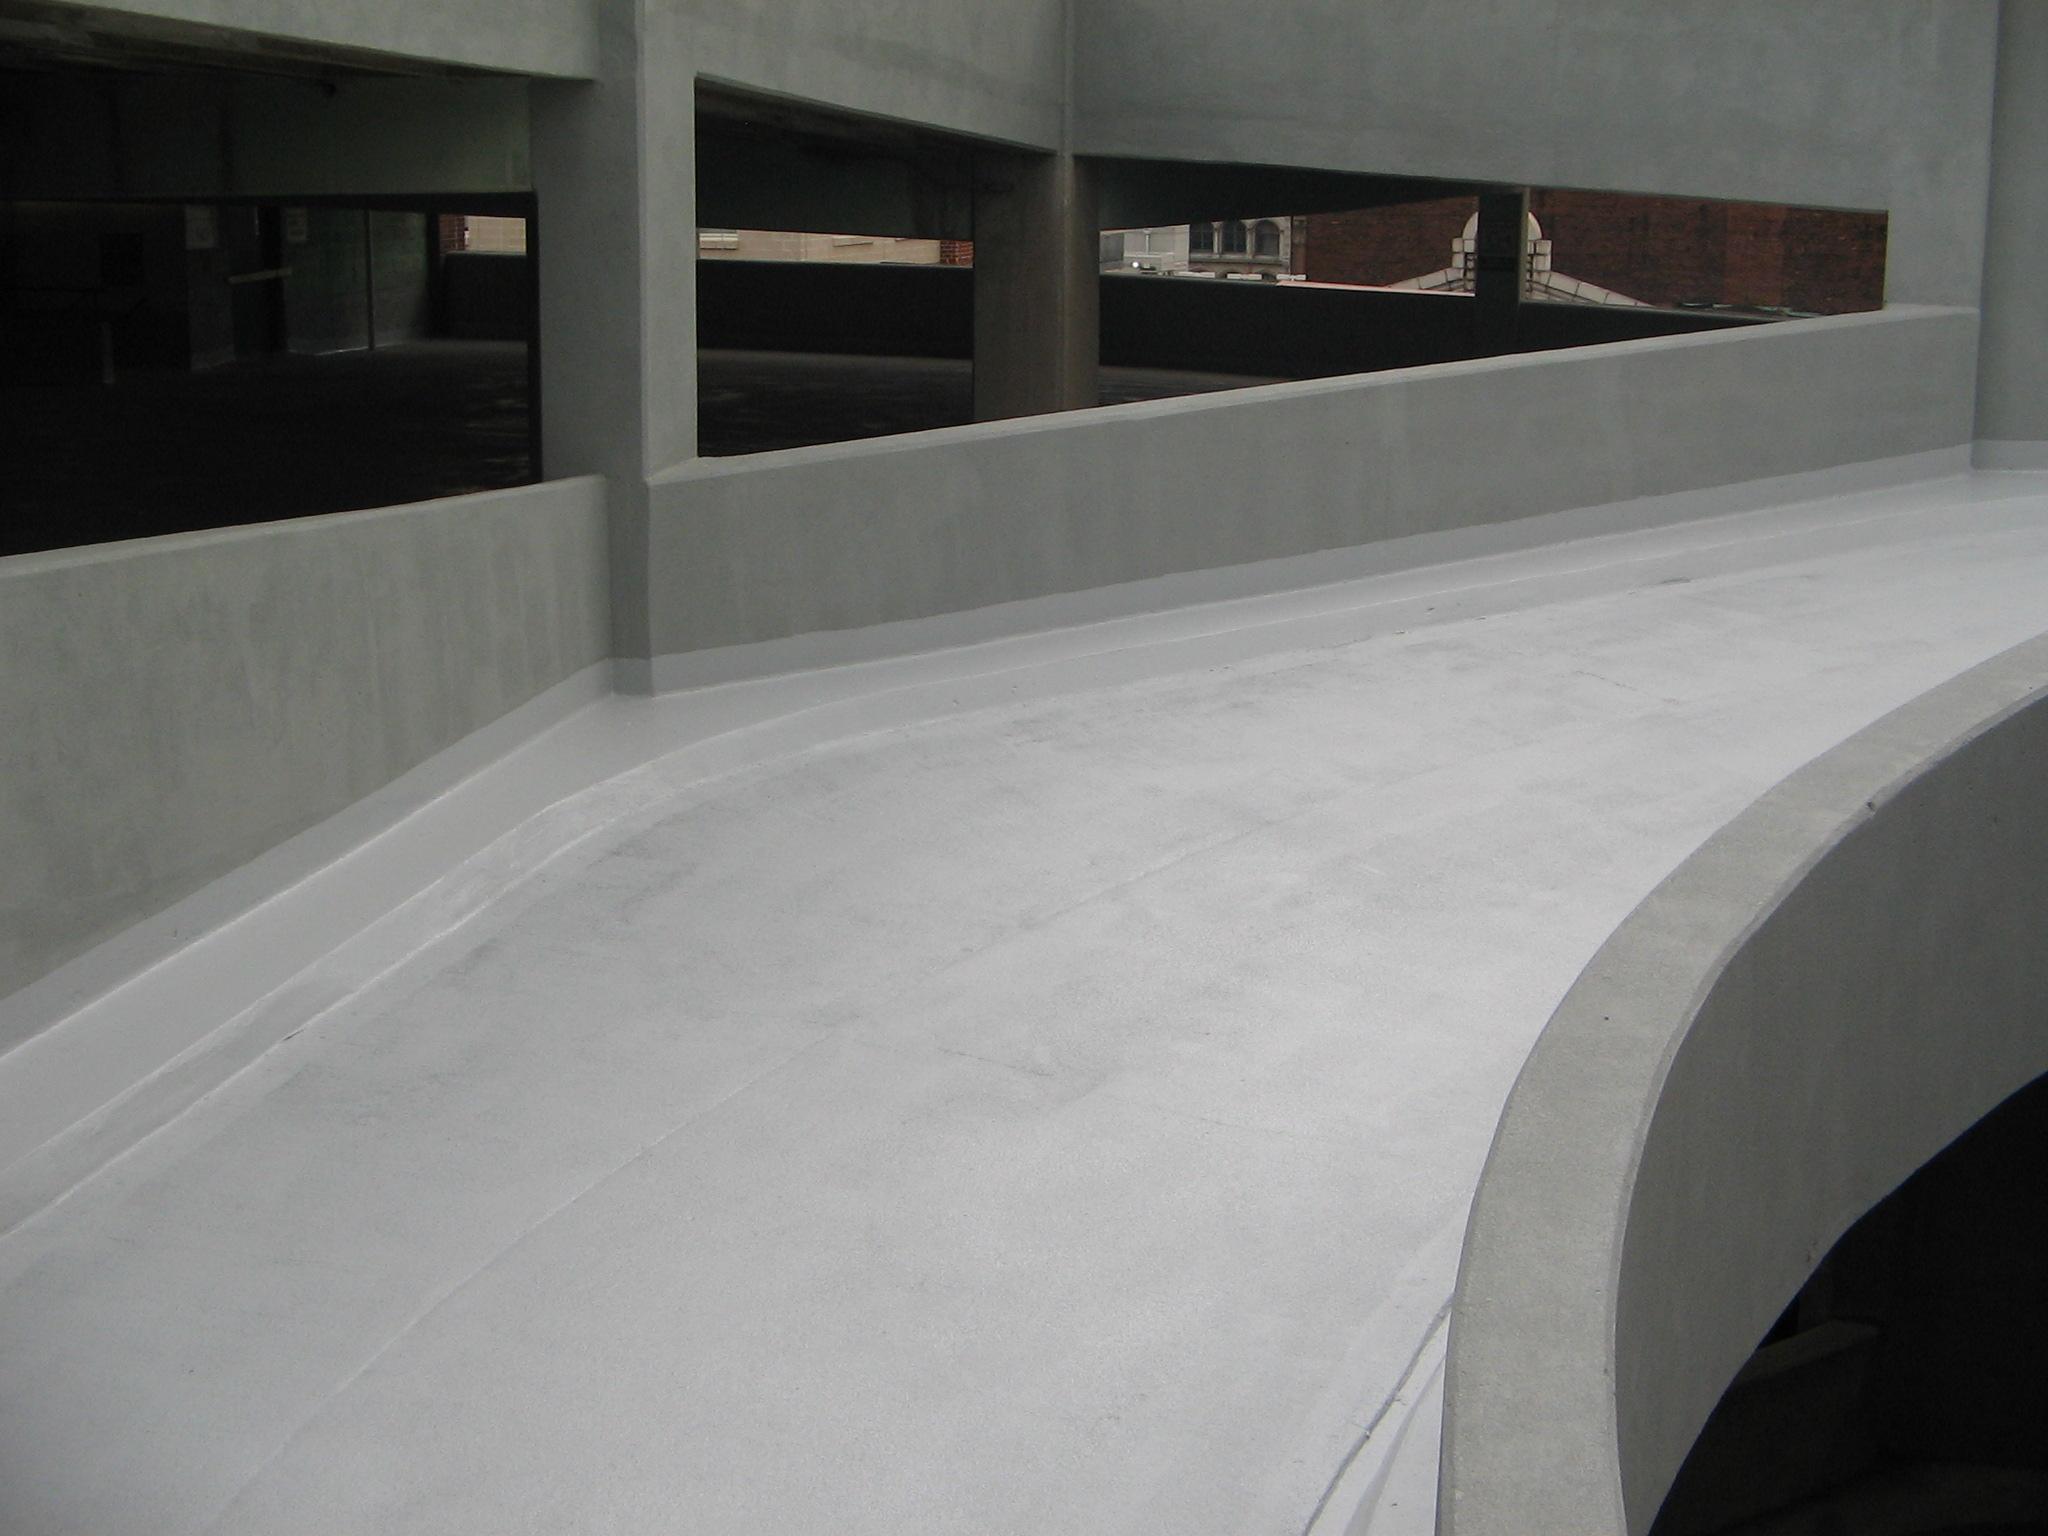 membrane-insallation-complete-1